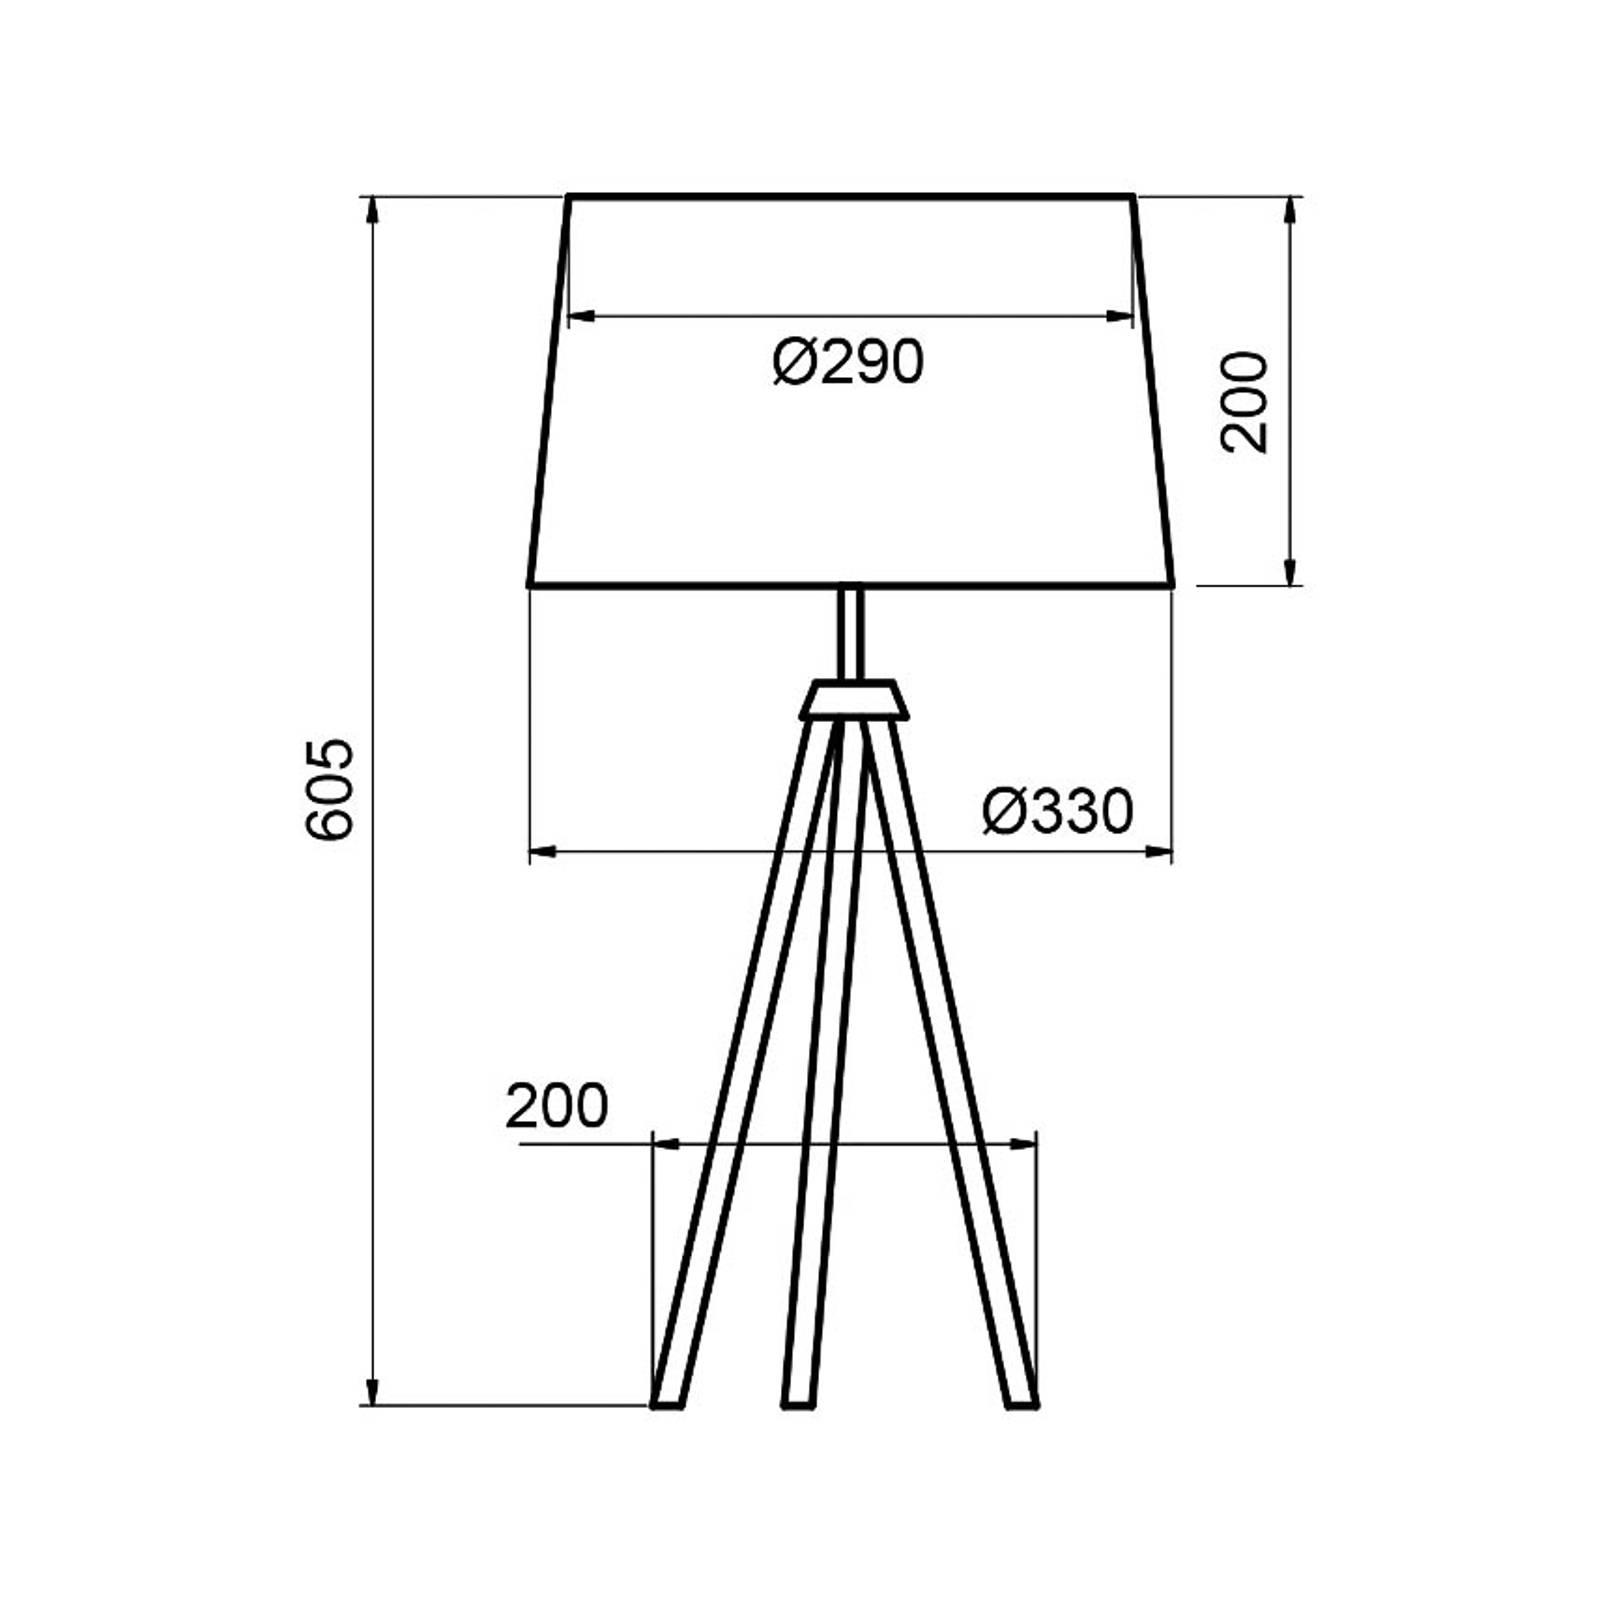 Aluminor Tropic-pöytälamppu, kromi, punainen johto